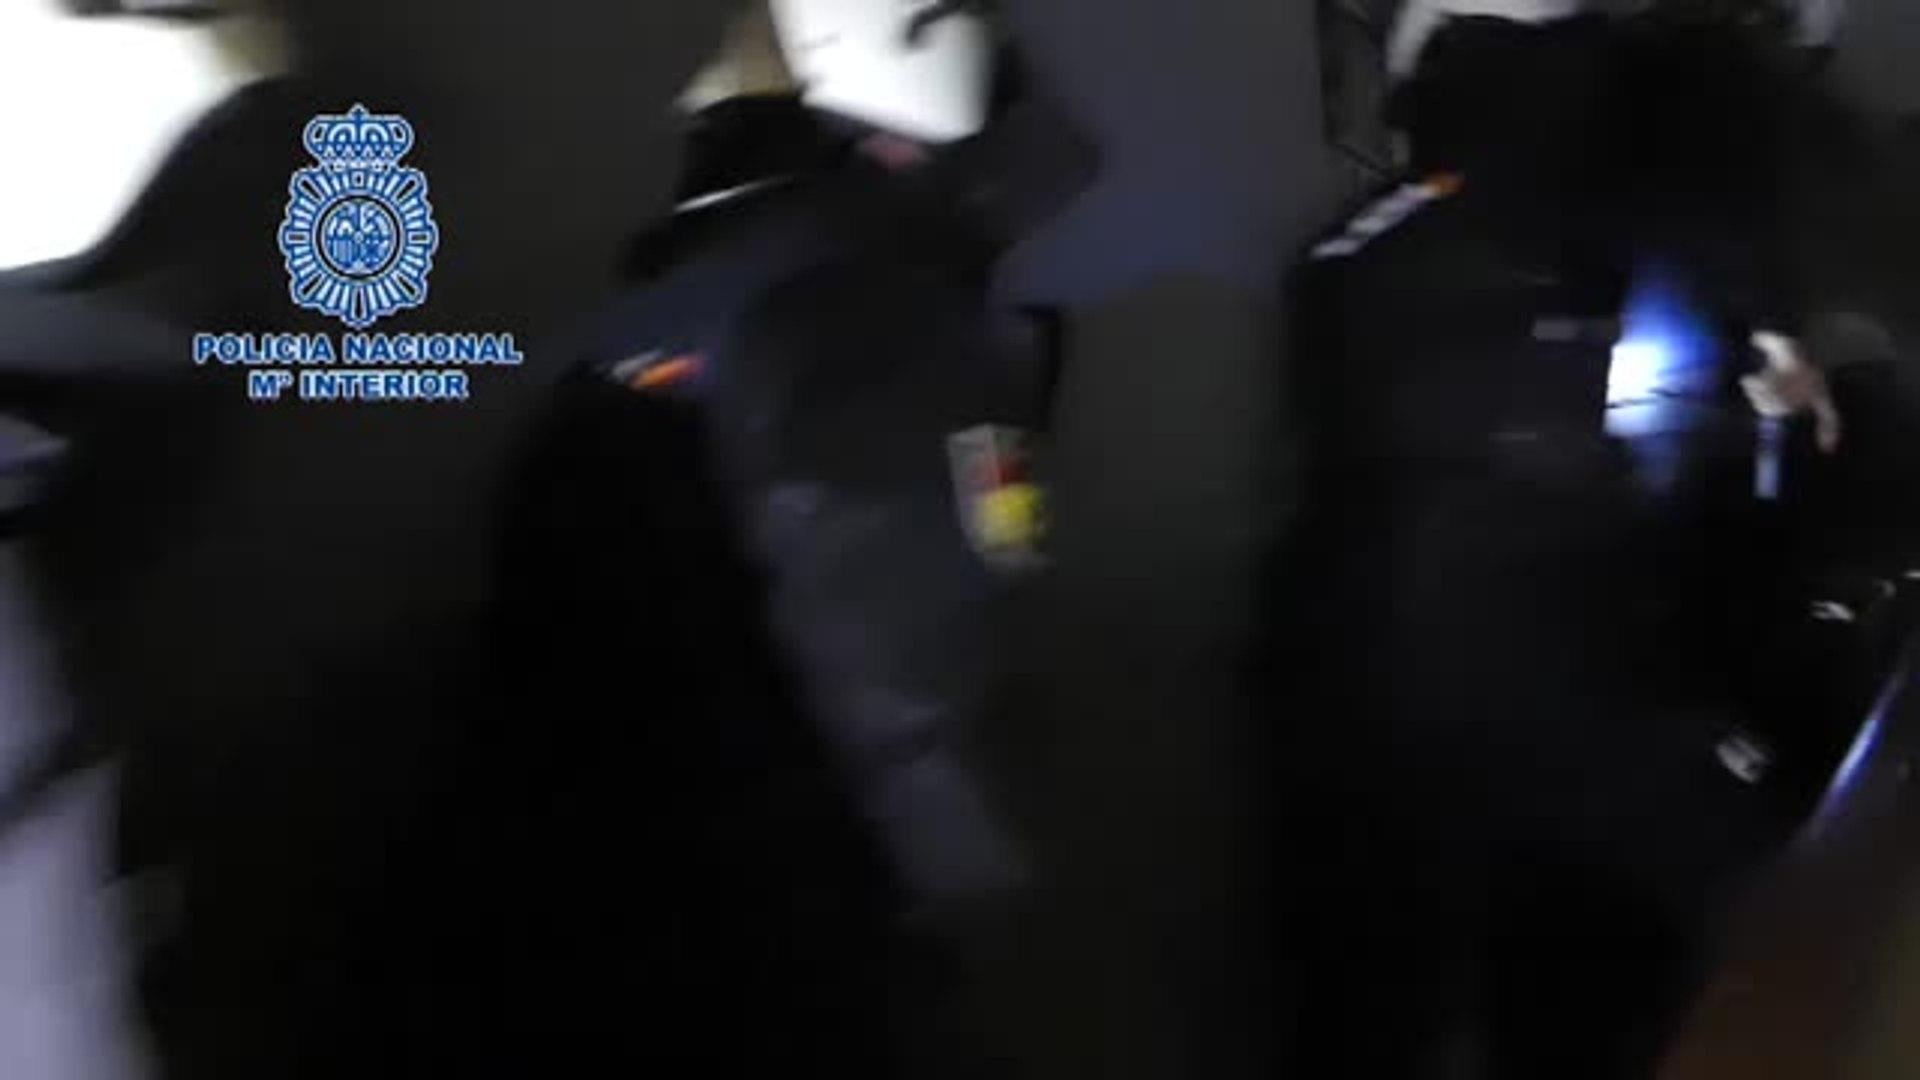 La Policía Nacional desarticula una banda dedicada a la comercialización ilegal de canales de televi